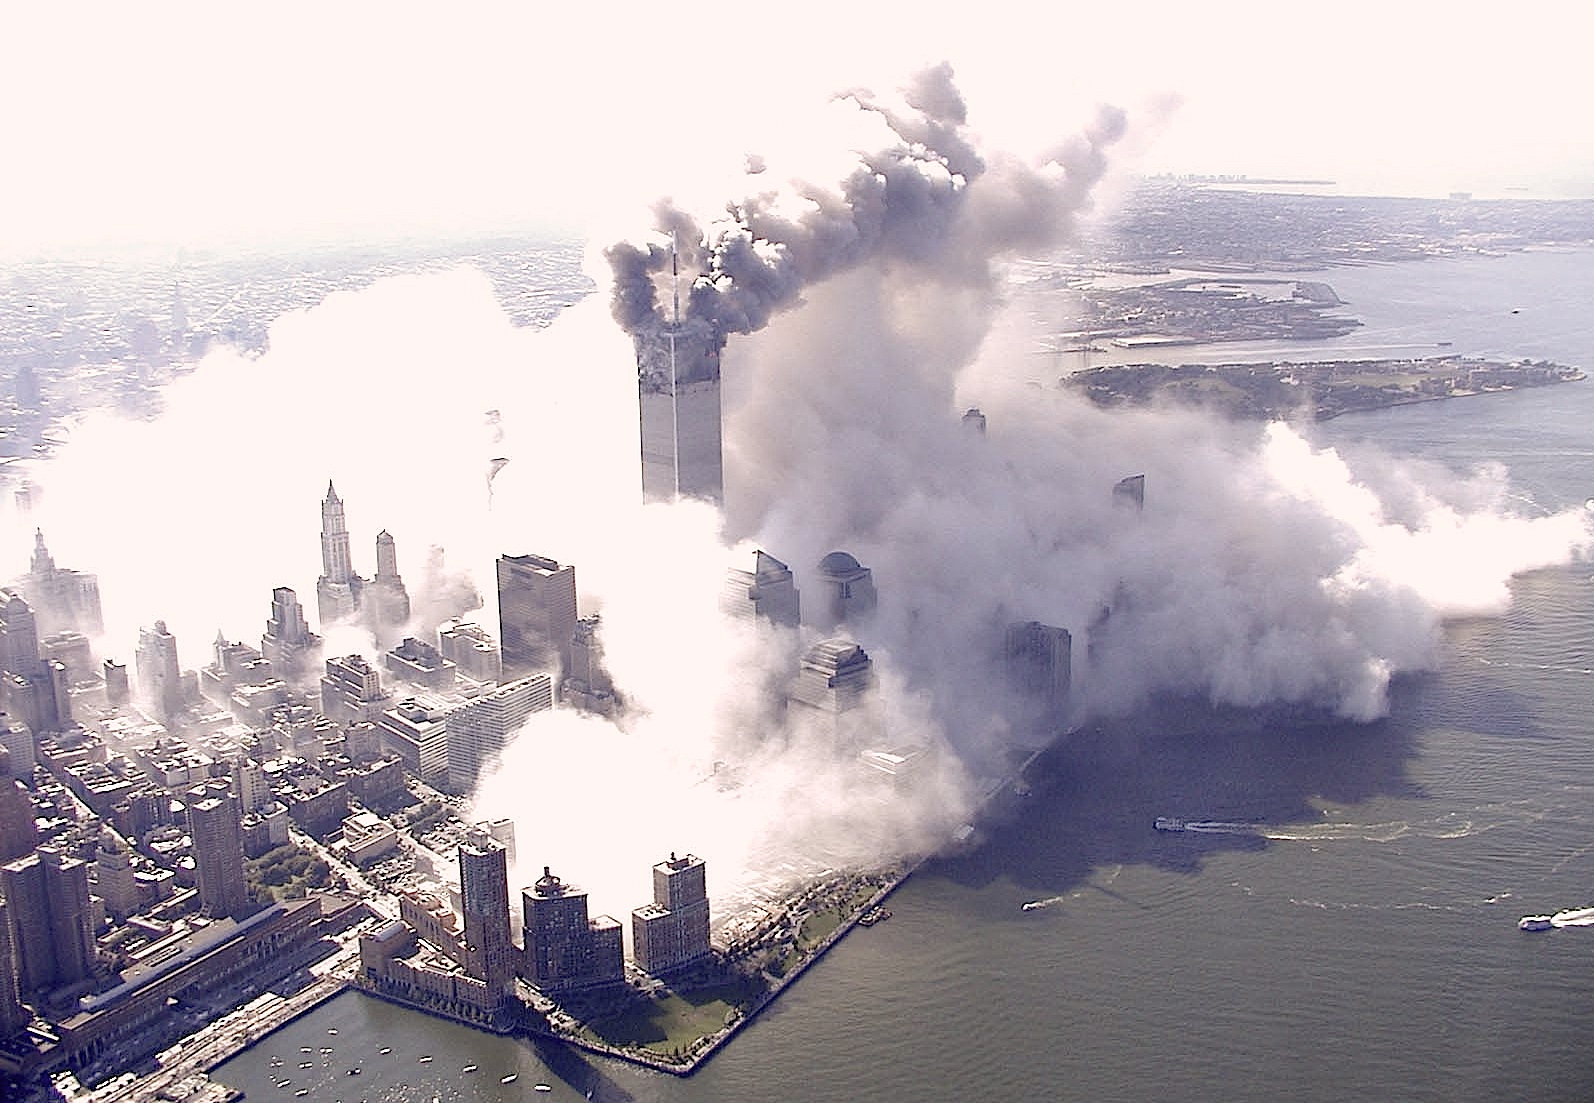 Minecraft 11 september 2001 essay